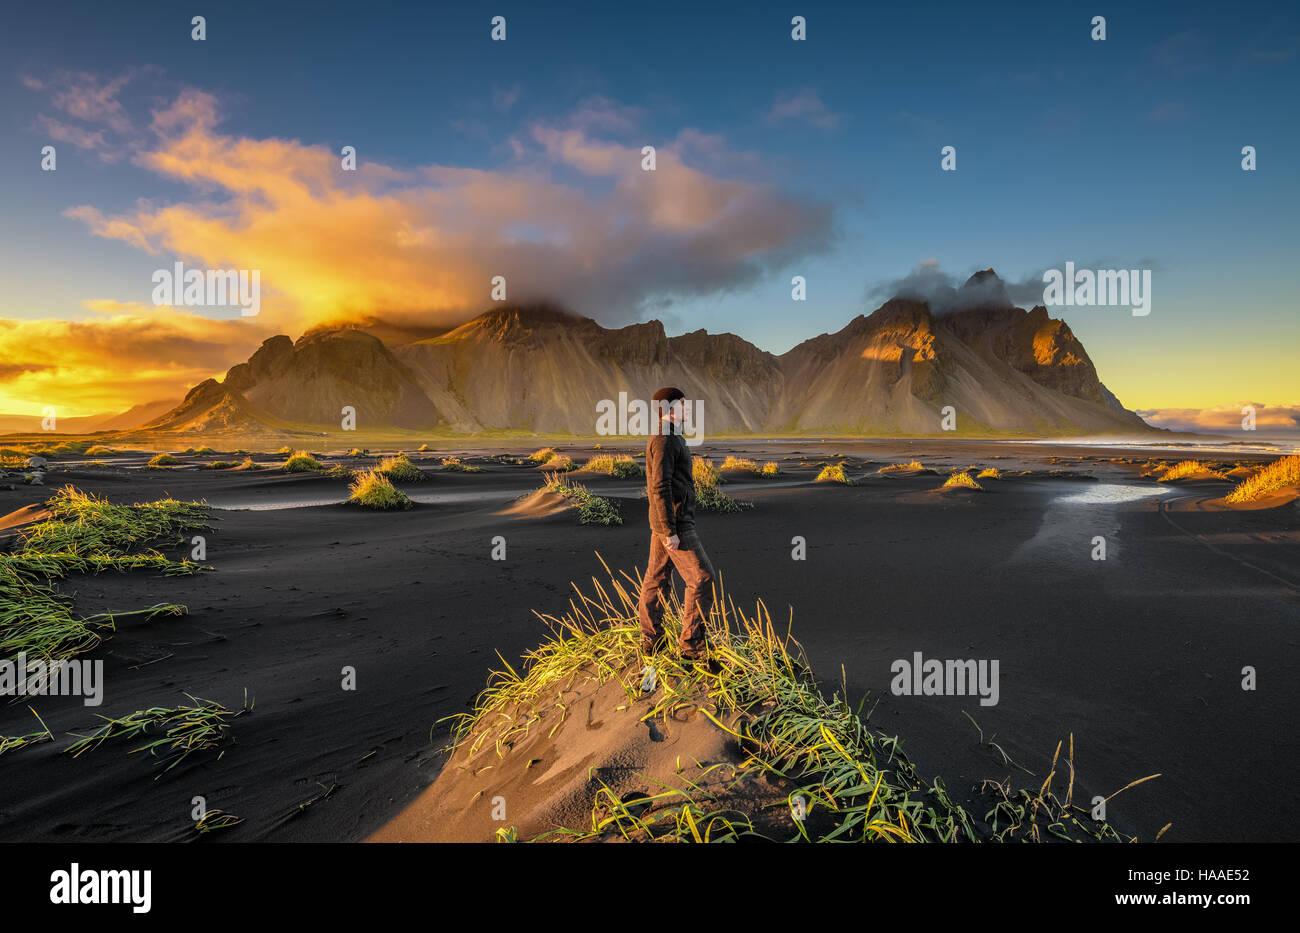 Escursionista godersi il tramonto a Vestrahorn (Batman) di montagna e la sua spiaggia di sabbia nera in Islanda Foto Stock